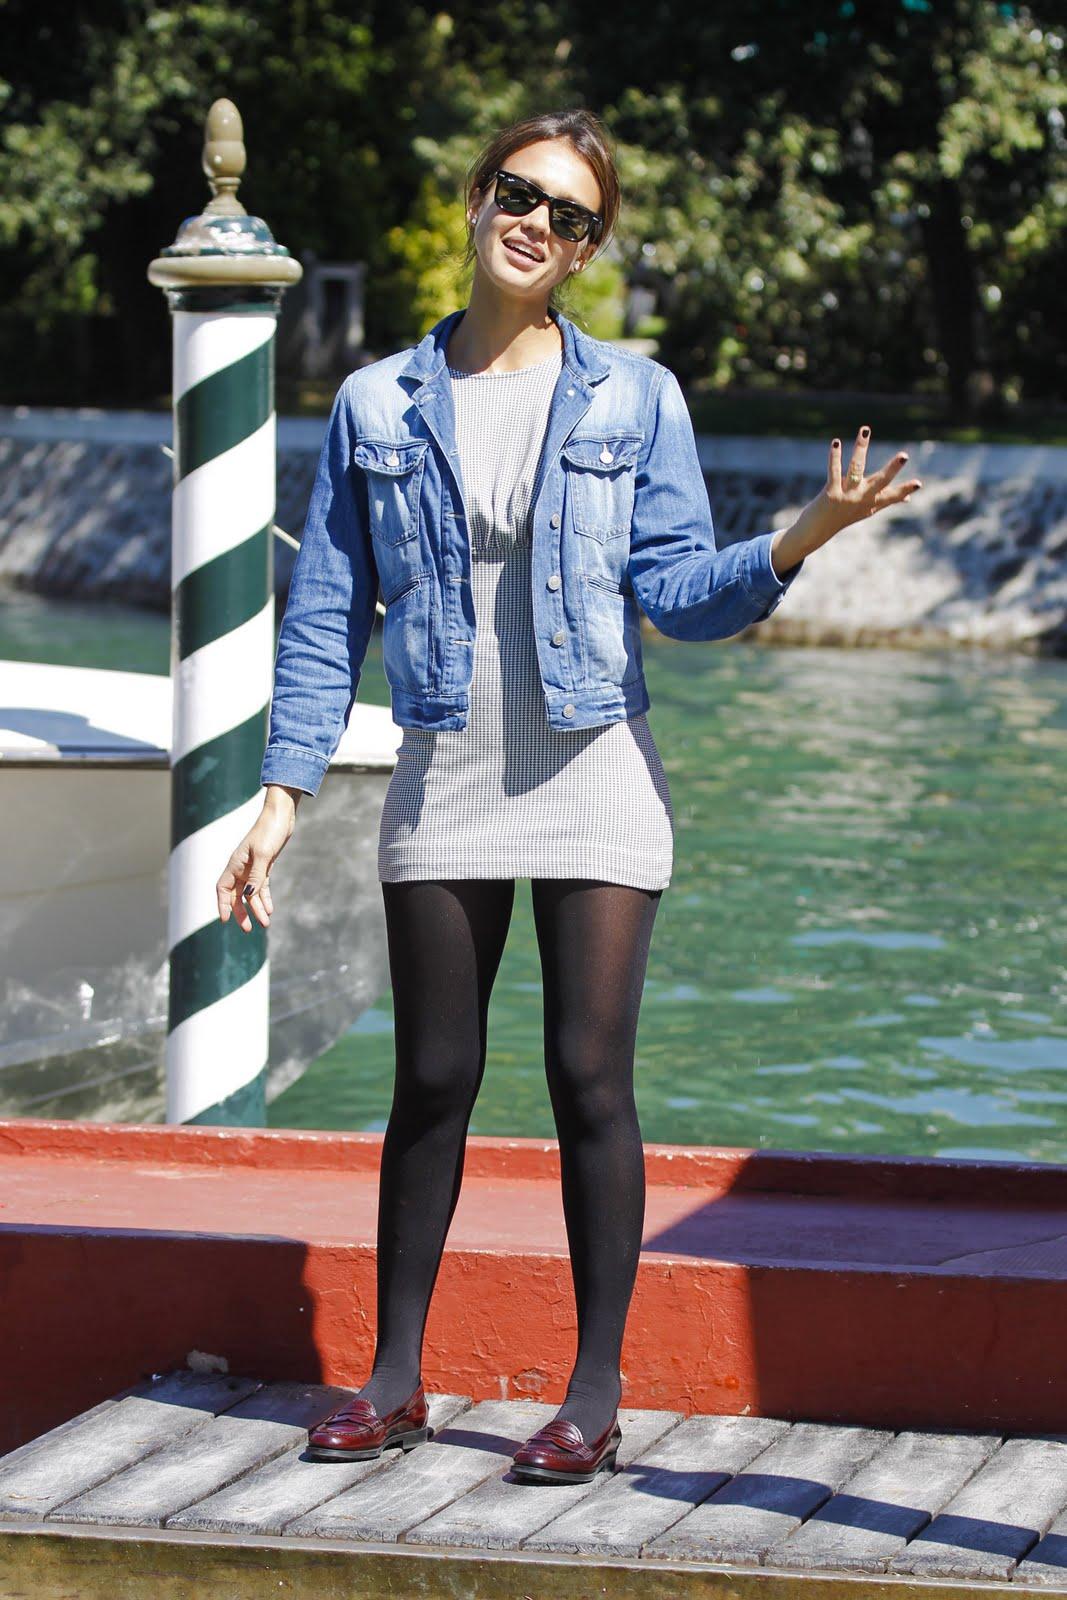 Jessica alba wearing pantyhose something